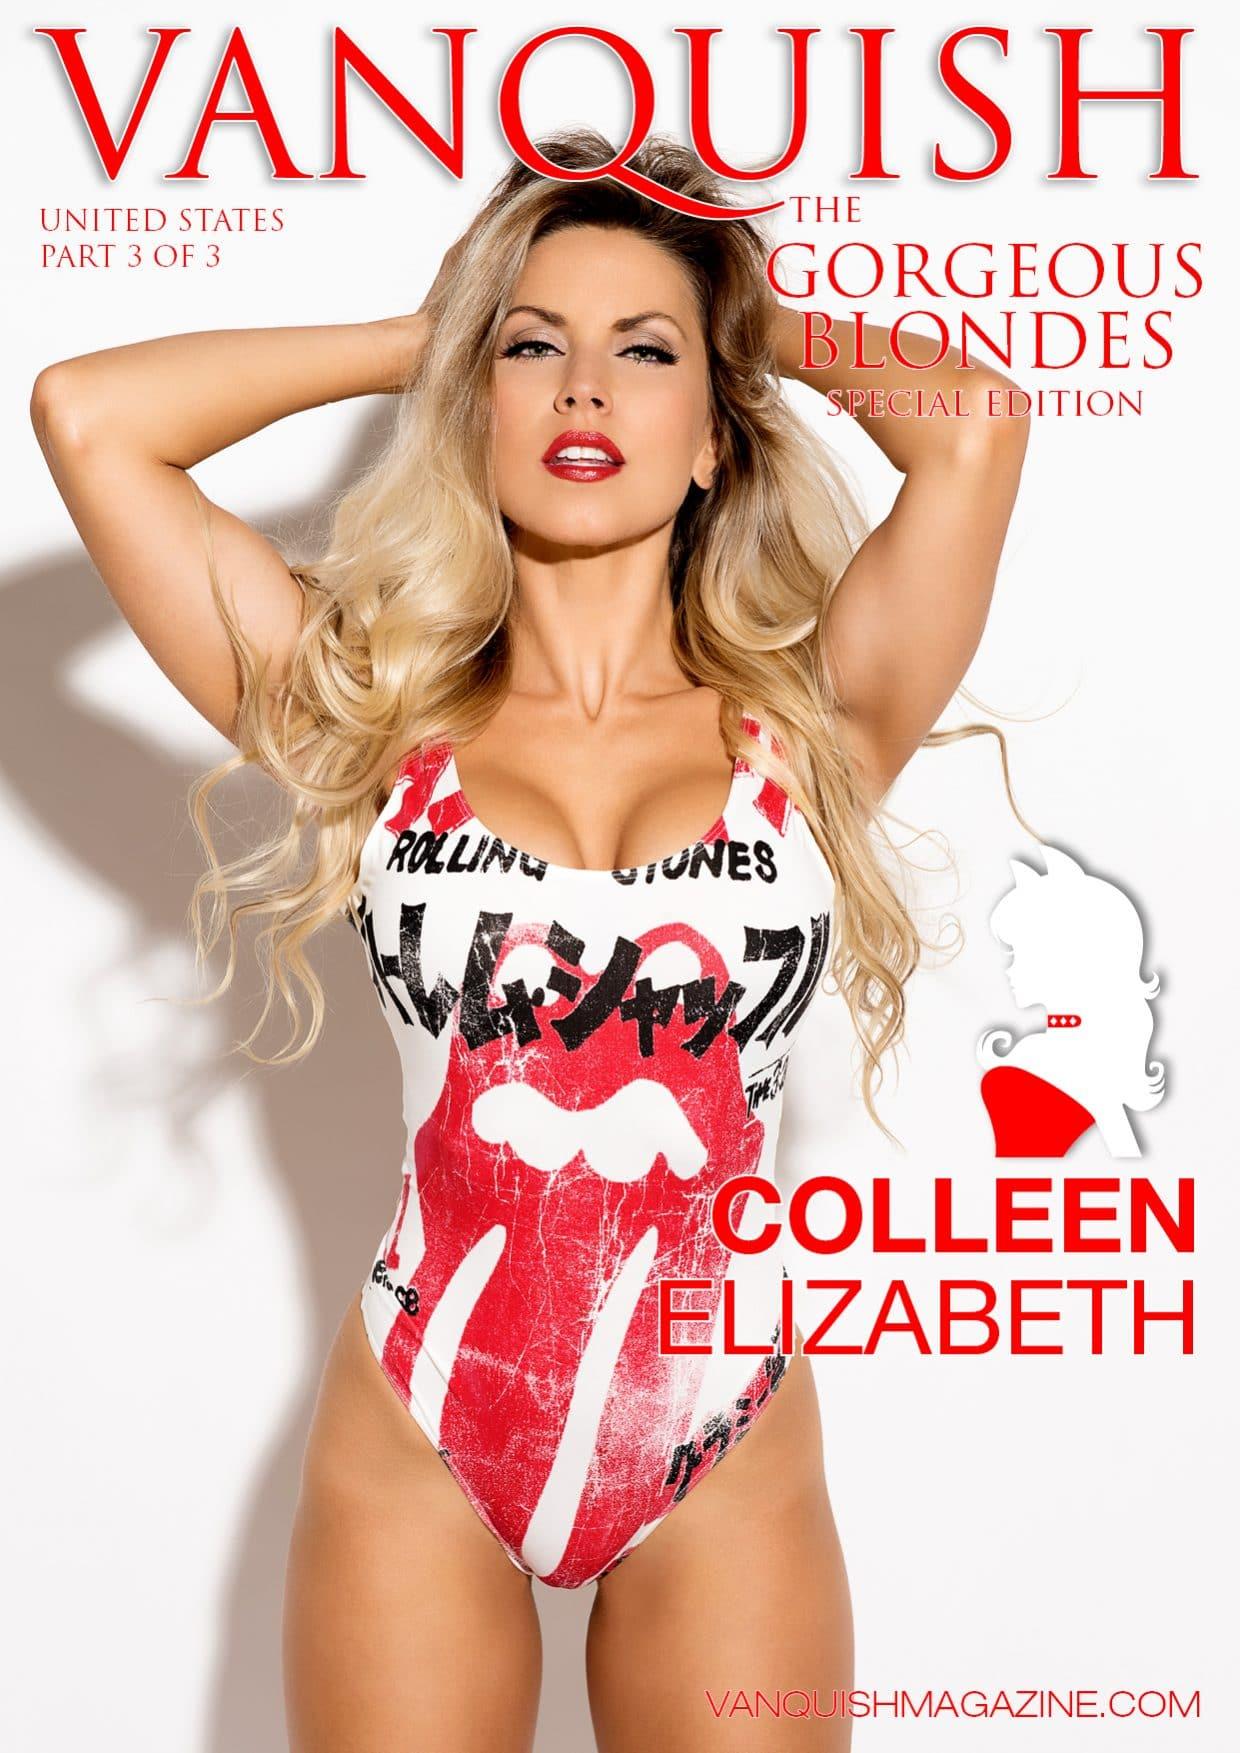 Vanquish Magazine - Gorgeous Blondes - Colleen Elizabeth 1